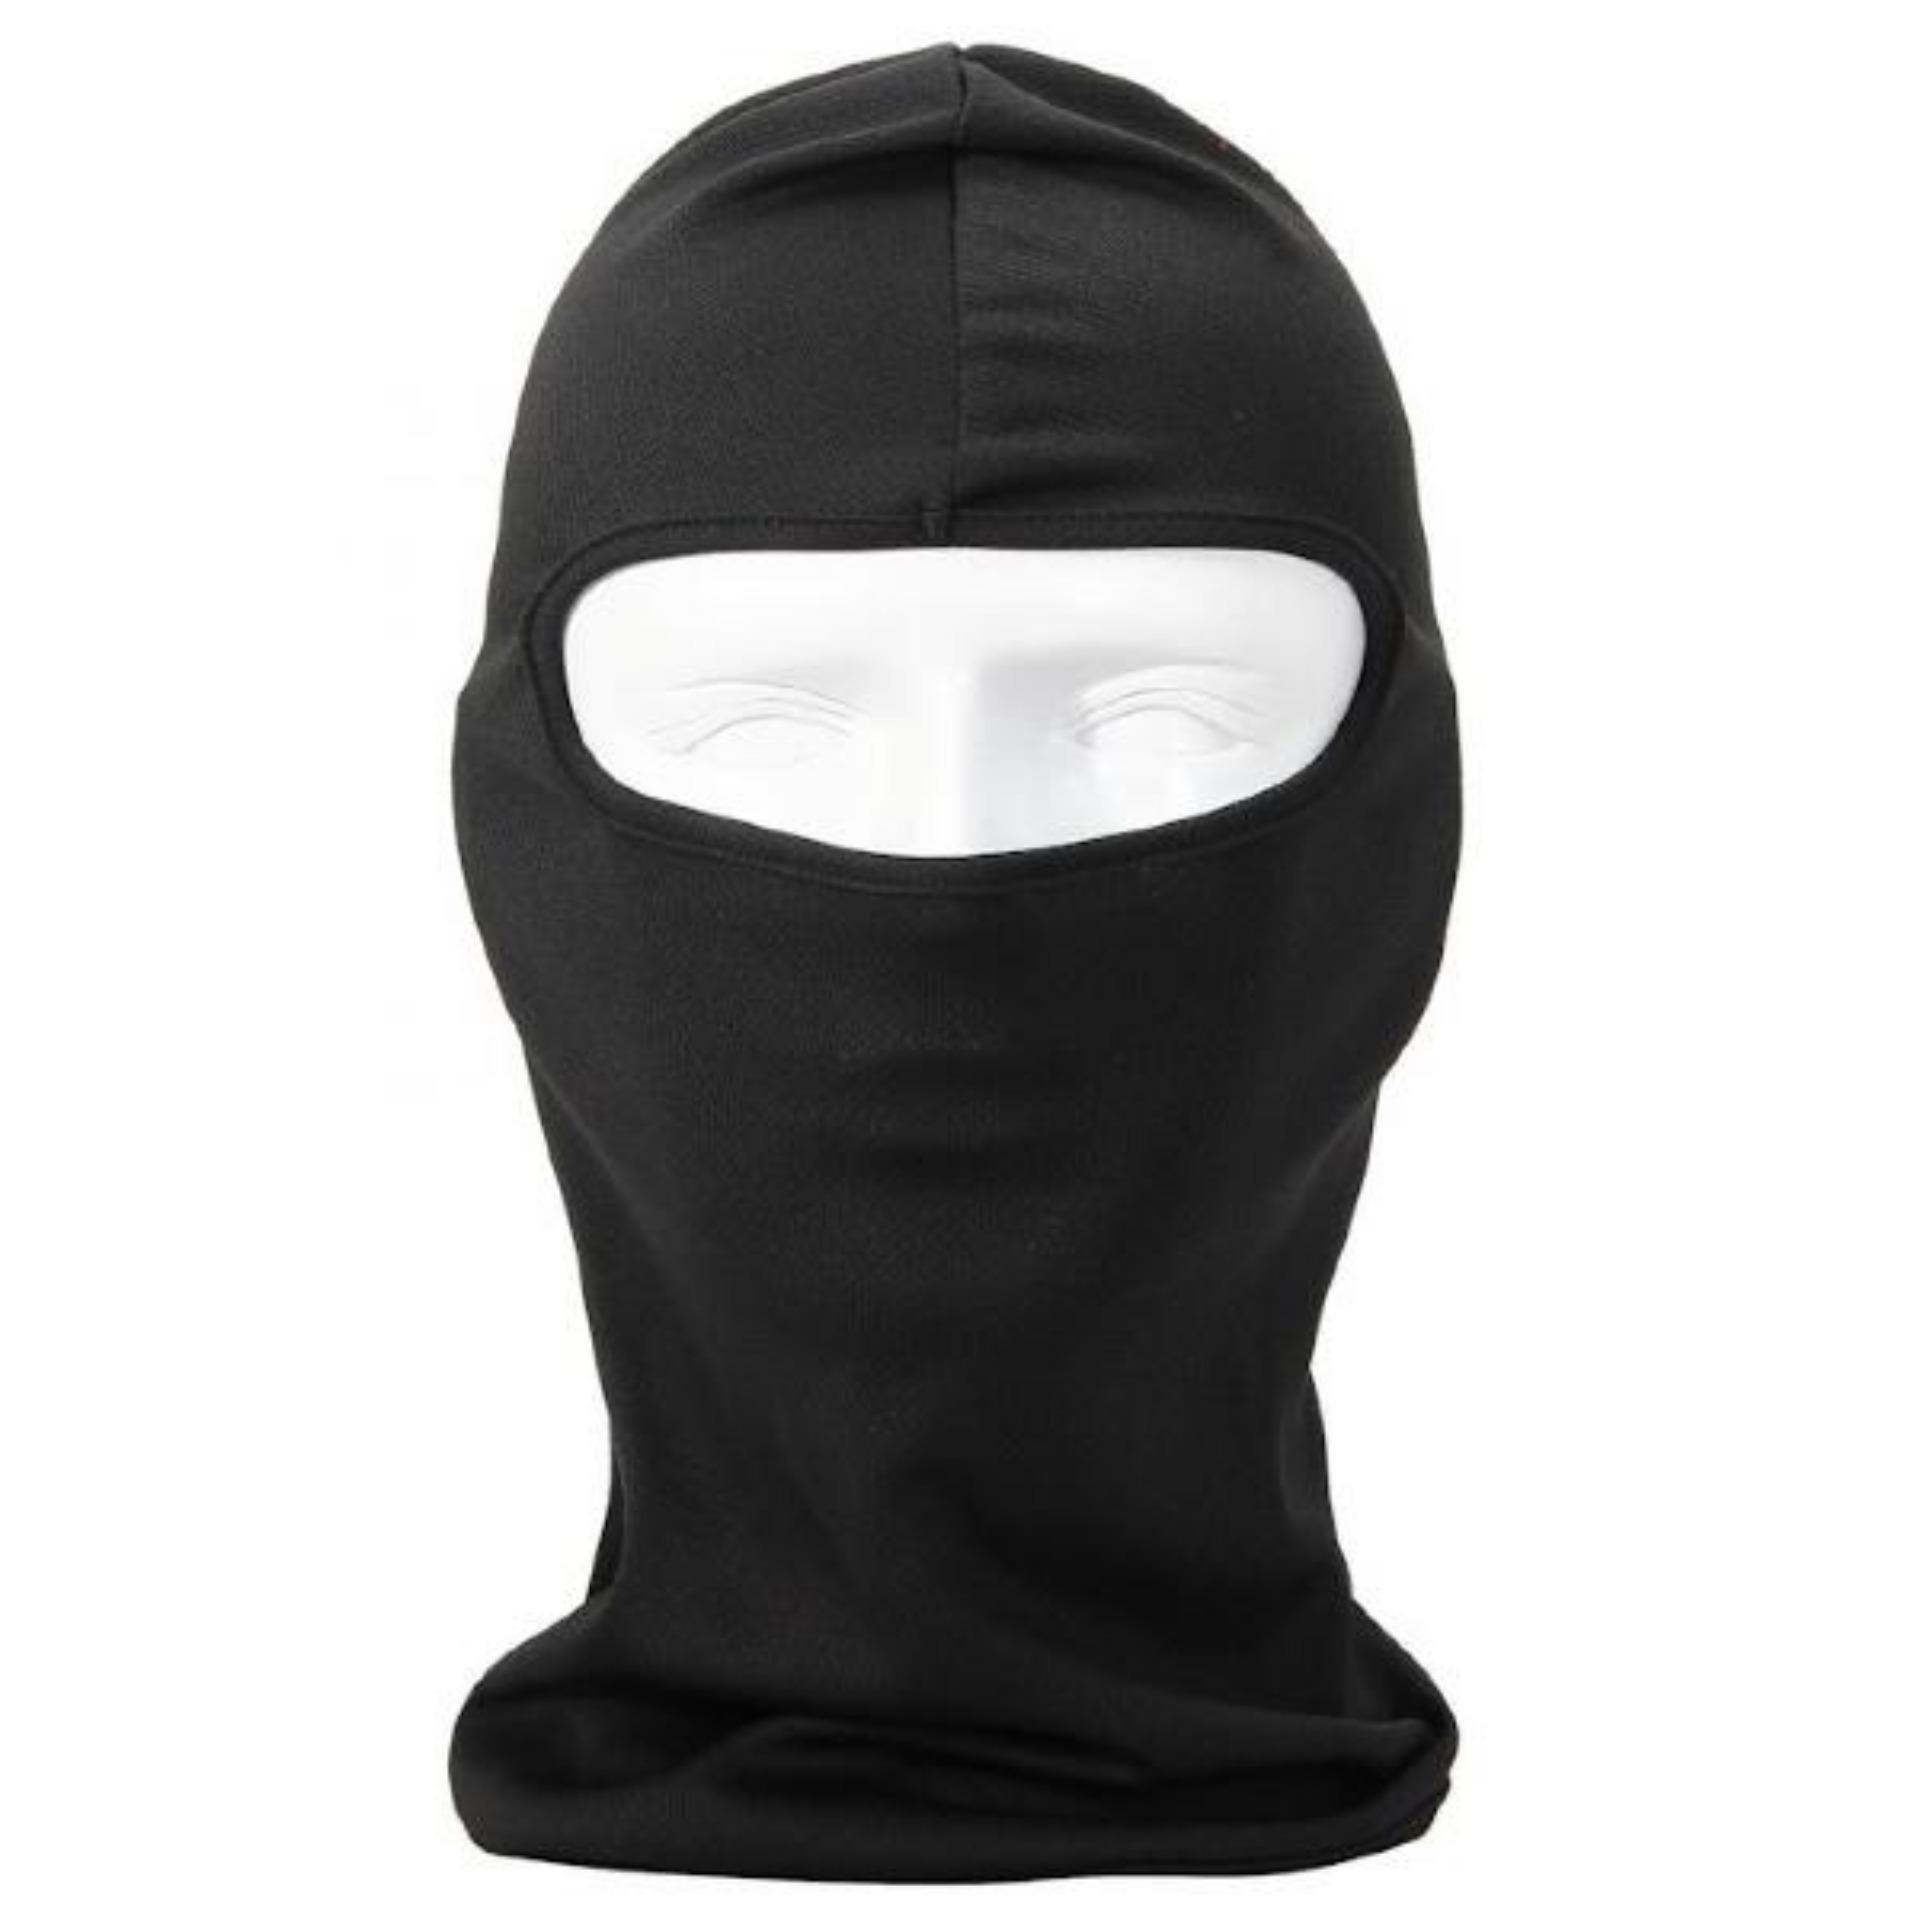 Masker Motor Ninja Alpinestar / Alpinestars Balaclava Face MaskBlack Full Head